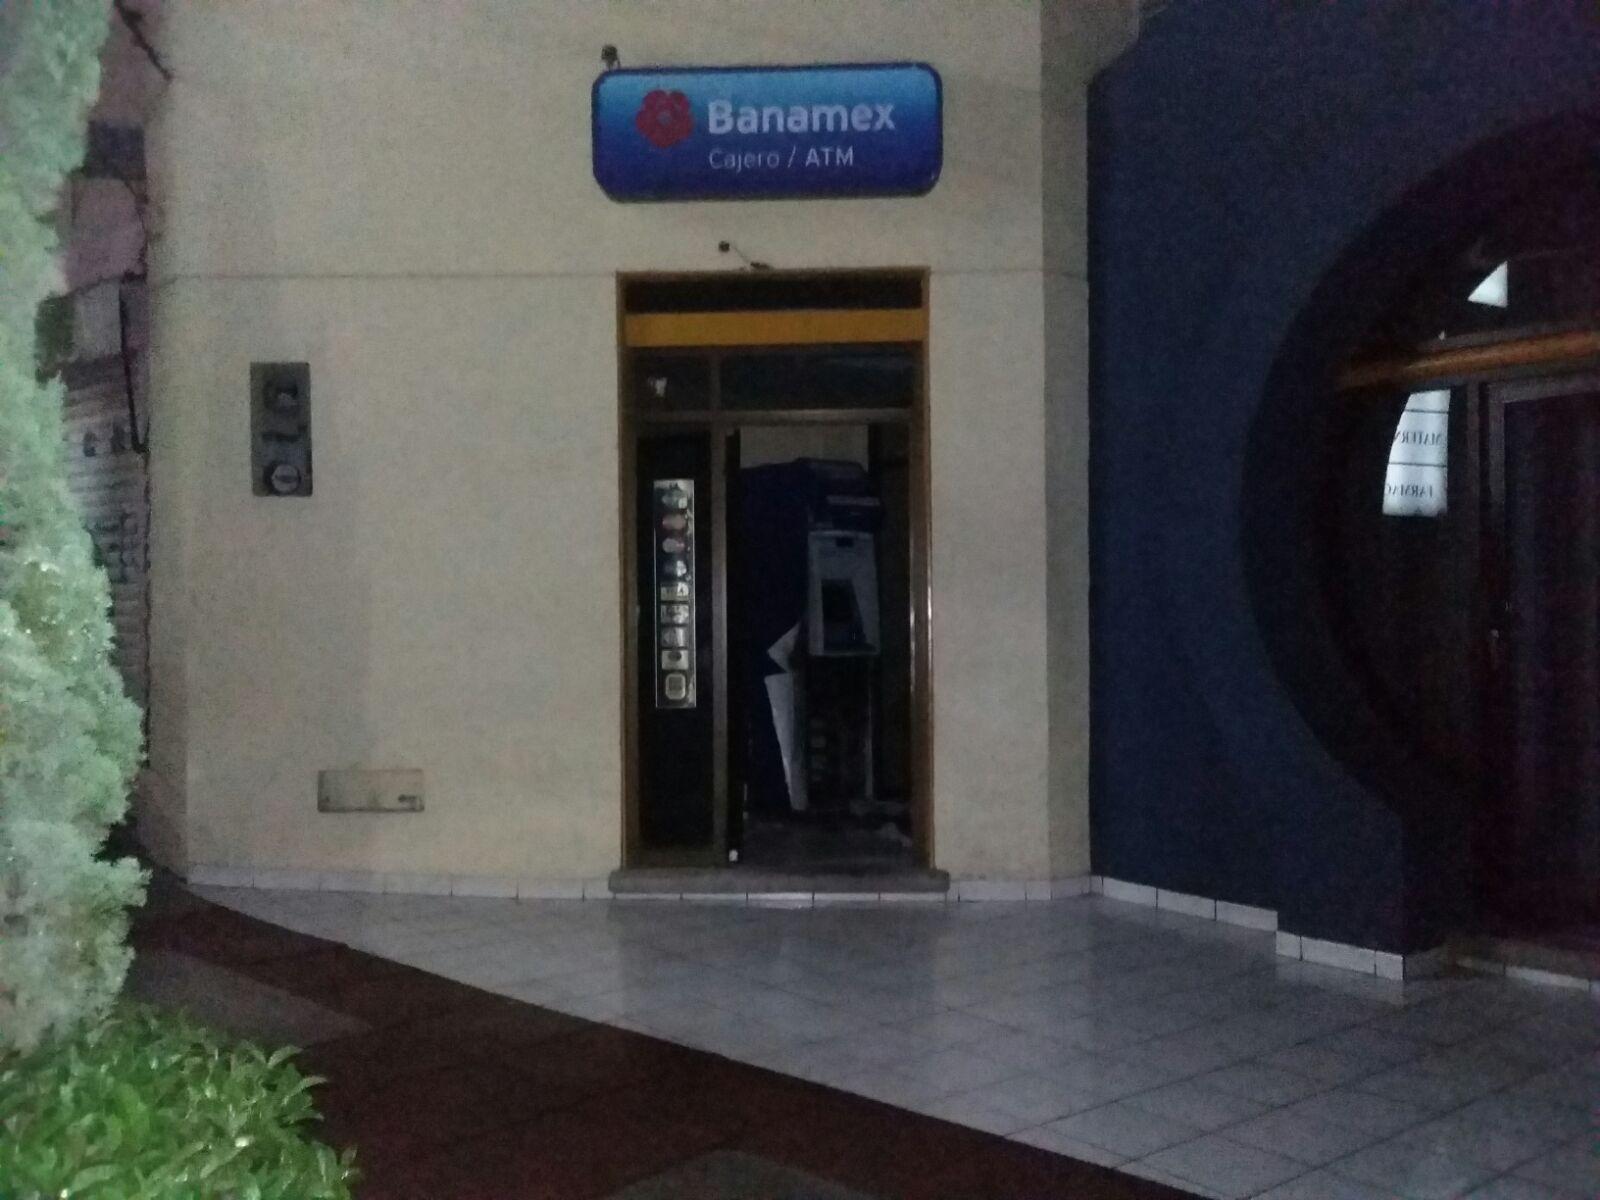 ¡4 delincuentes vaciaron un cajero automático en Aguascalientes!